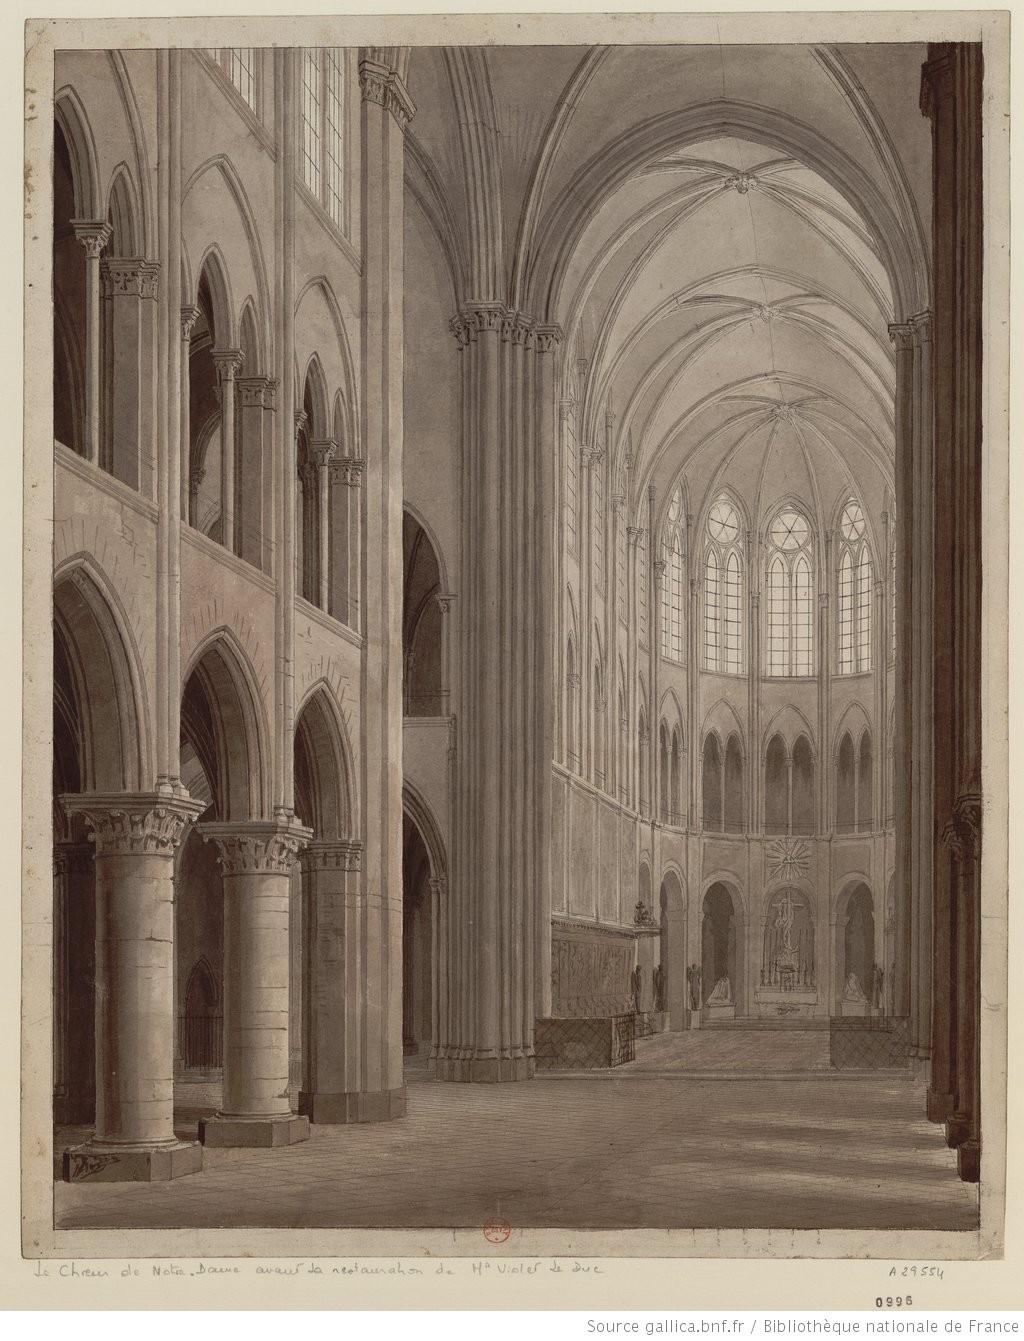 Le Choeur De Notre Dame Avant La Restauration De M Viollet Le Duc